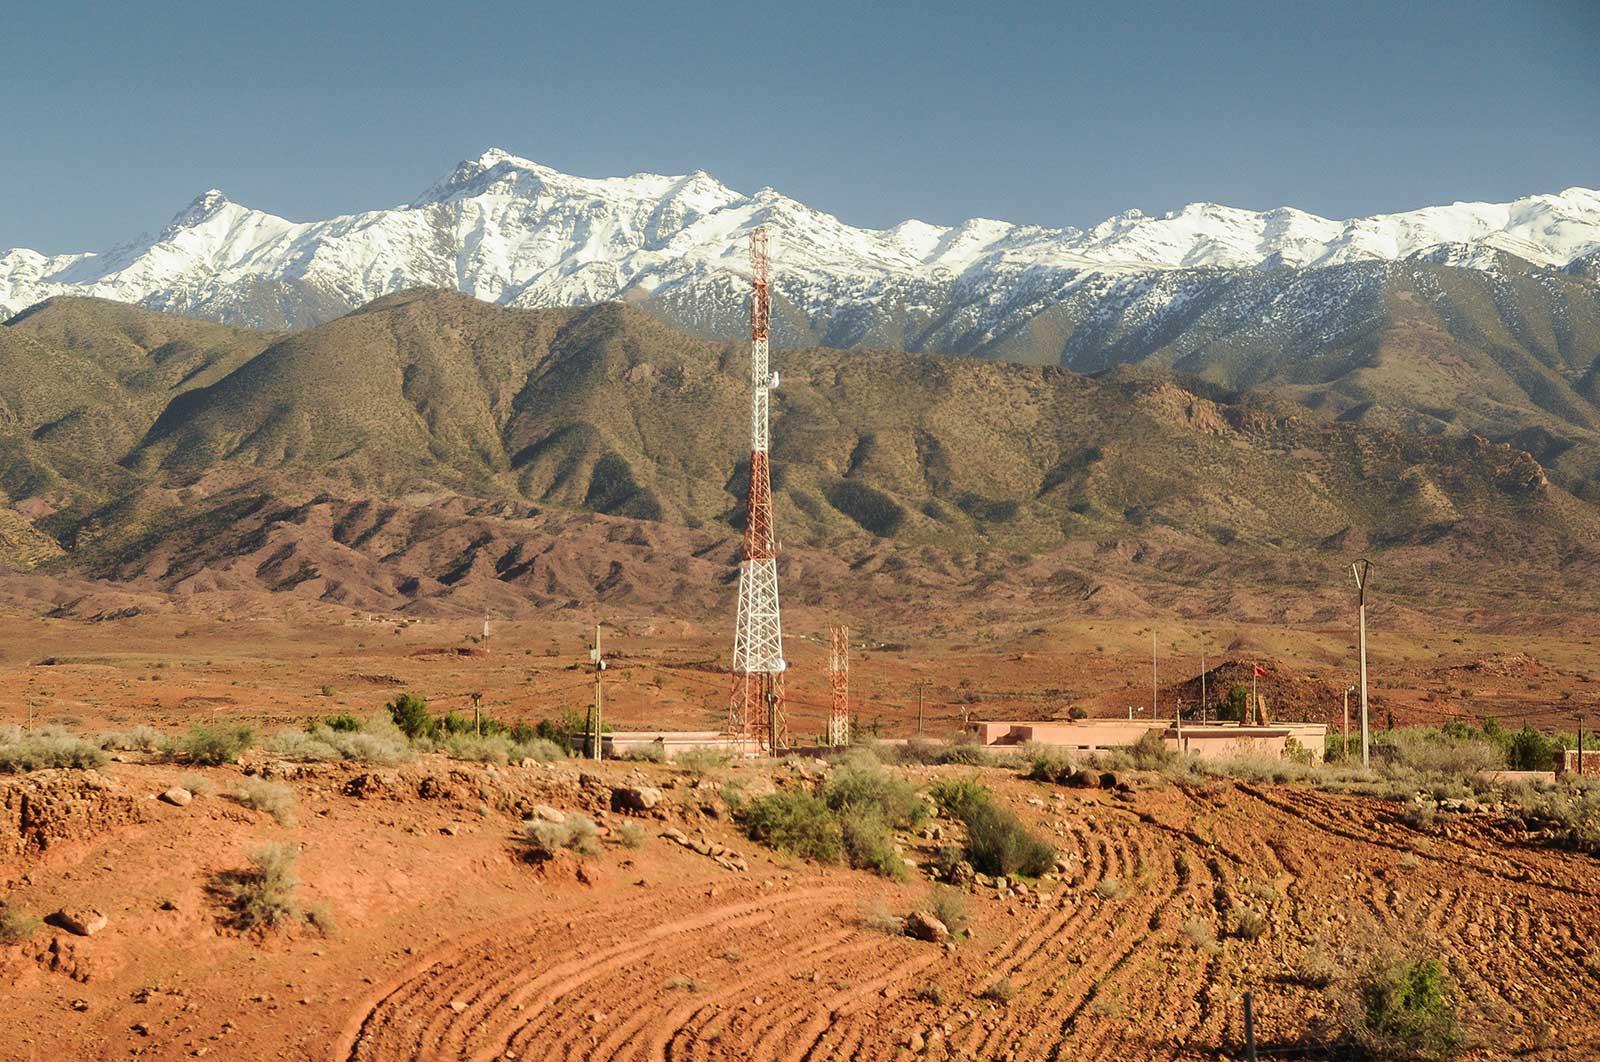 Im Bild: Das Atlas-Gebirge in Marokko.